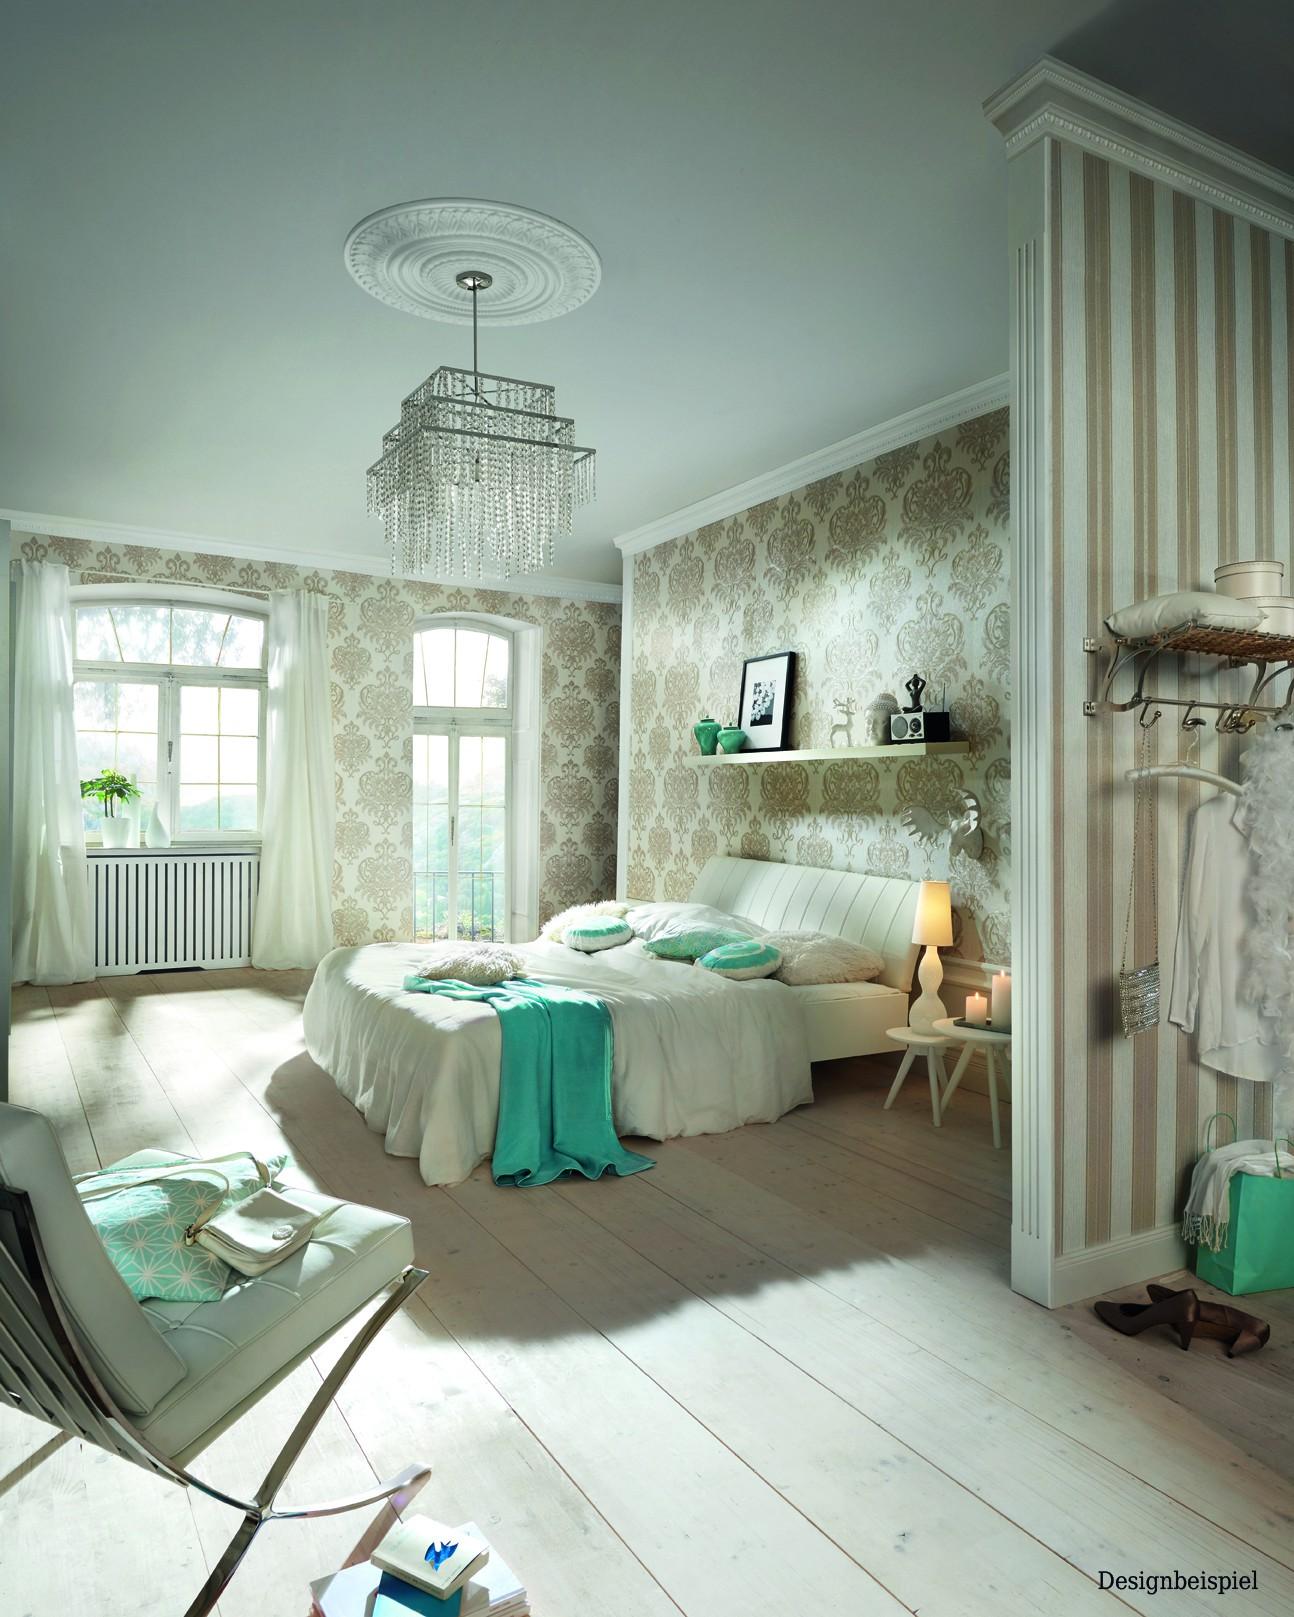 tapete design modern blau vliestapeten dieter bohlen. Black Bedroom Furniture Sets. Home Design Ideas